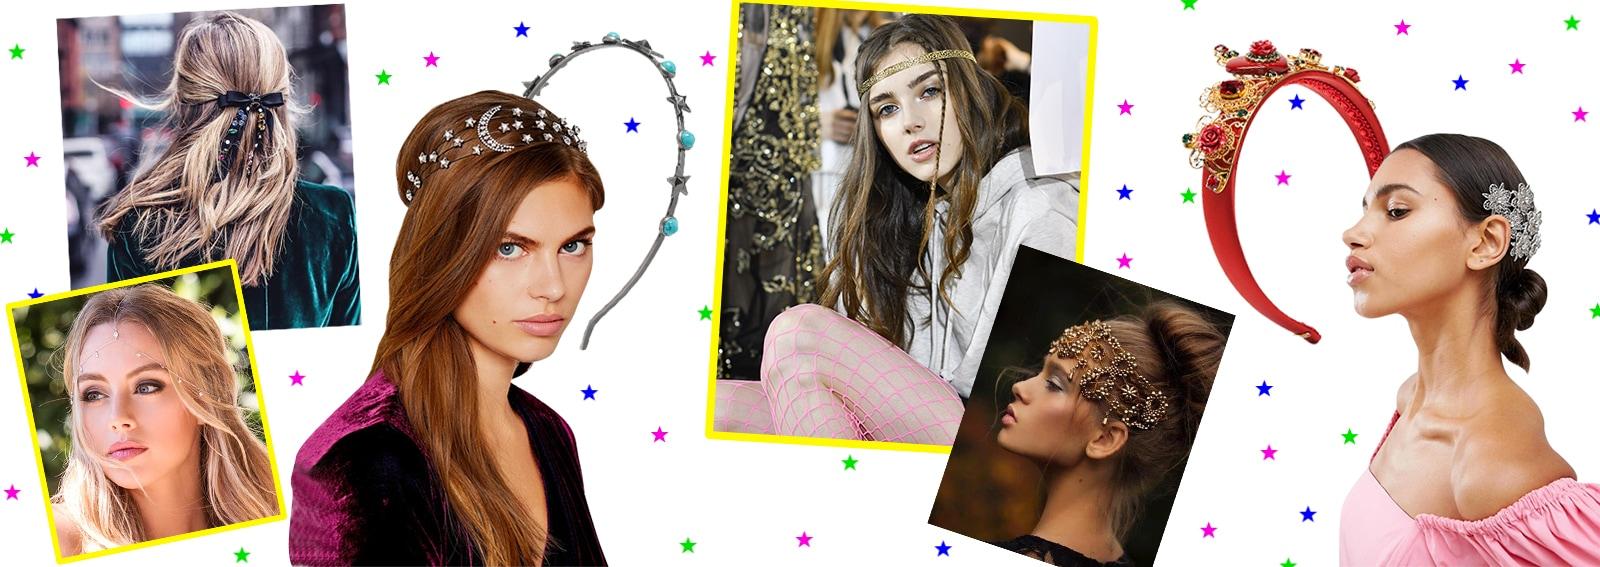 accessori gioiello capelli collage_desktop